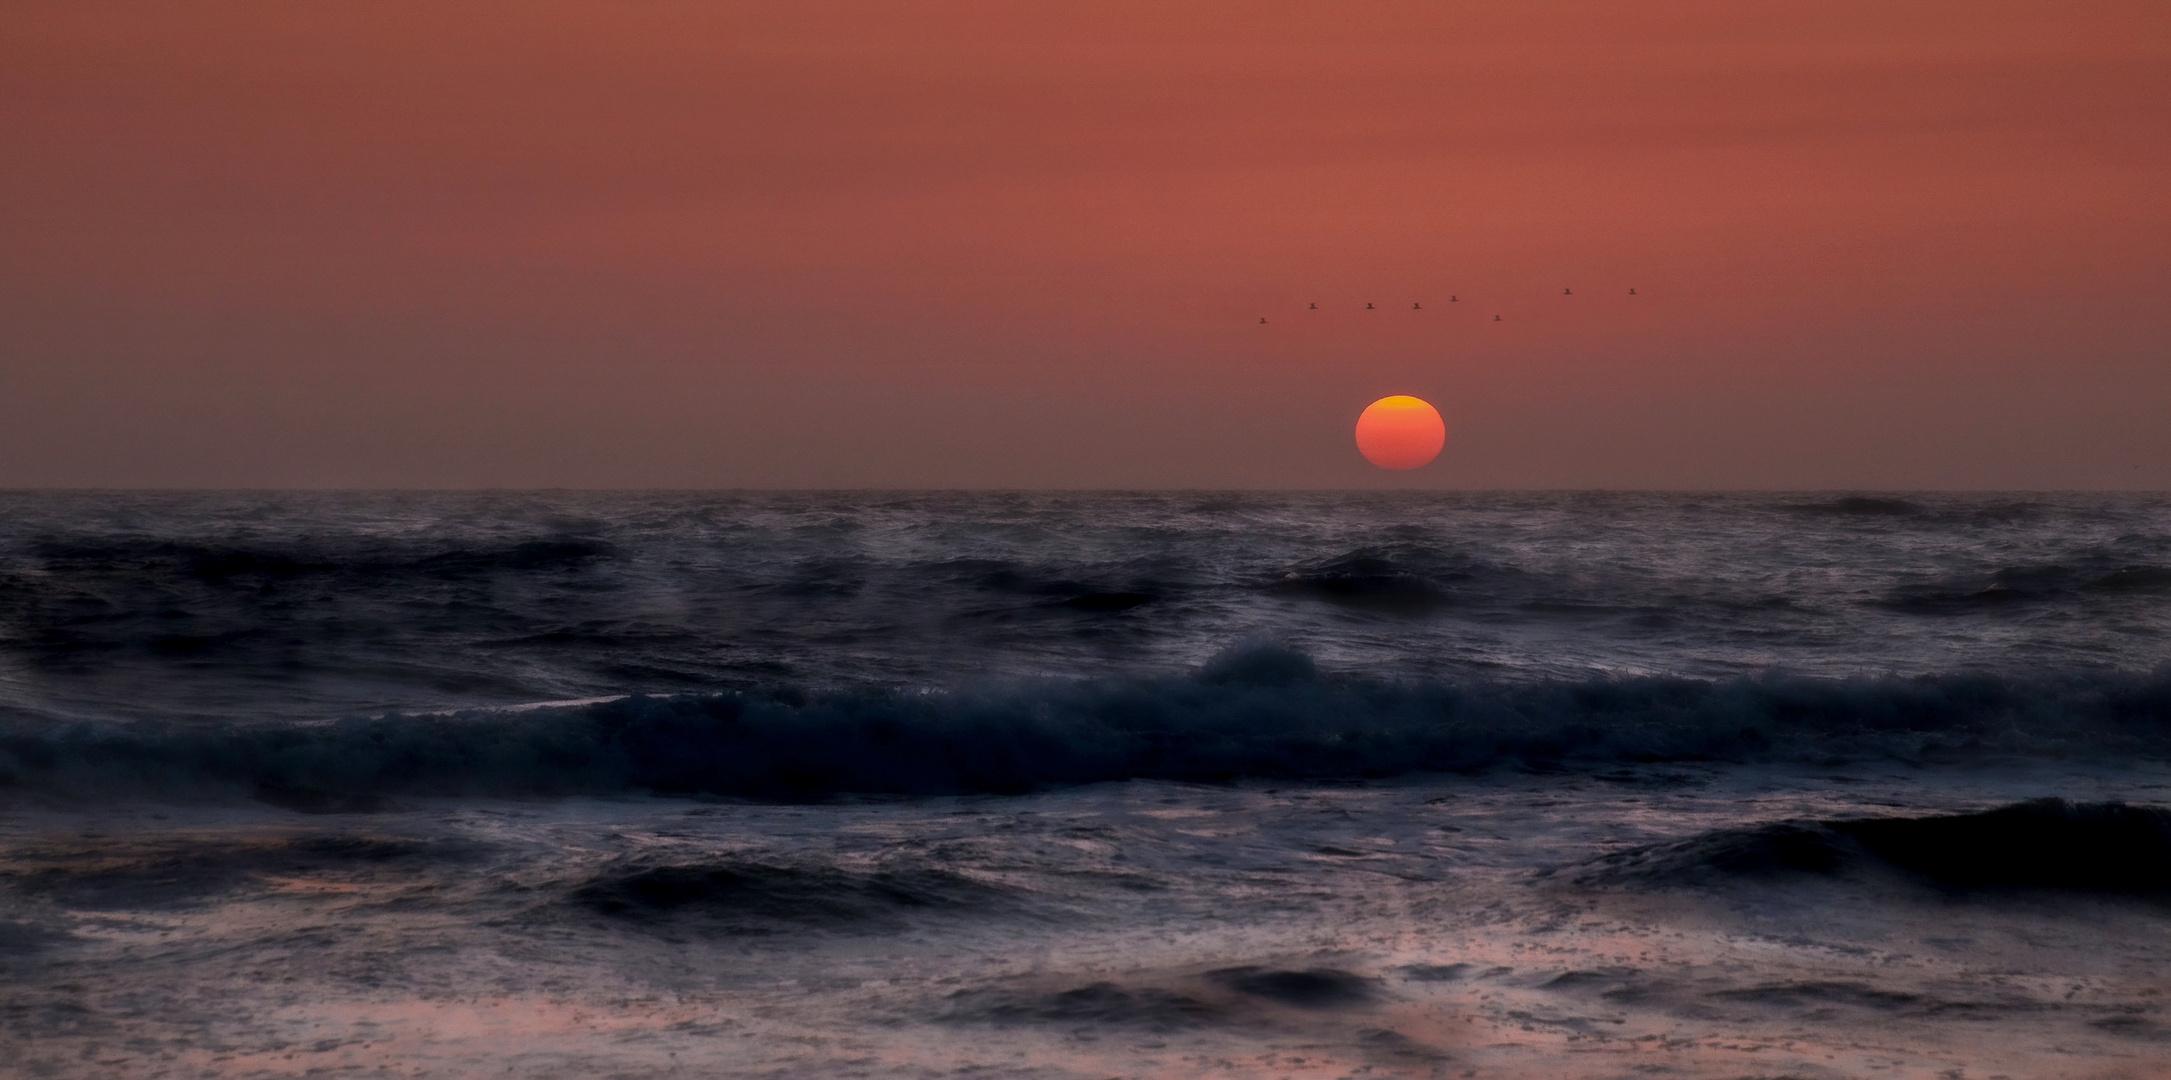 Sehnsucht nach Wochenende und Sehnsucht nach dem Meer